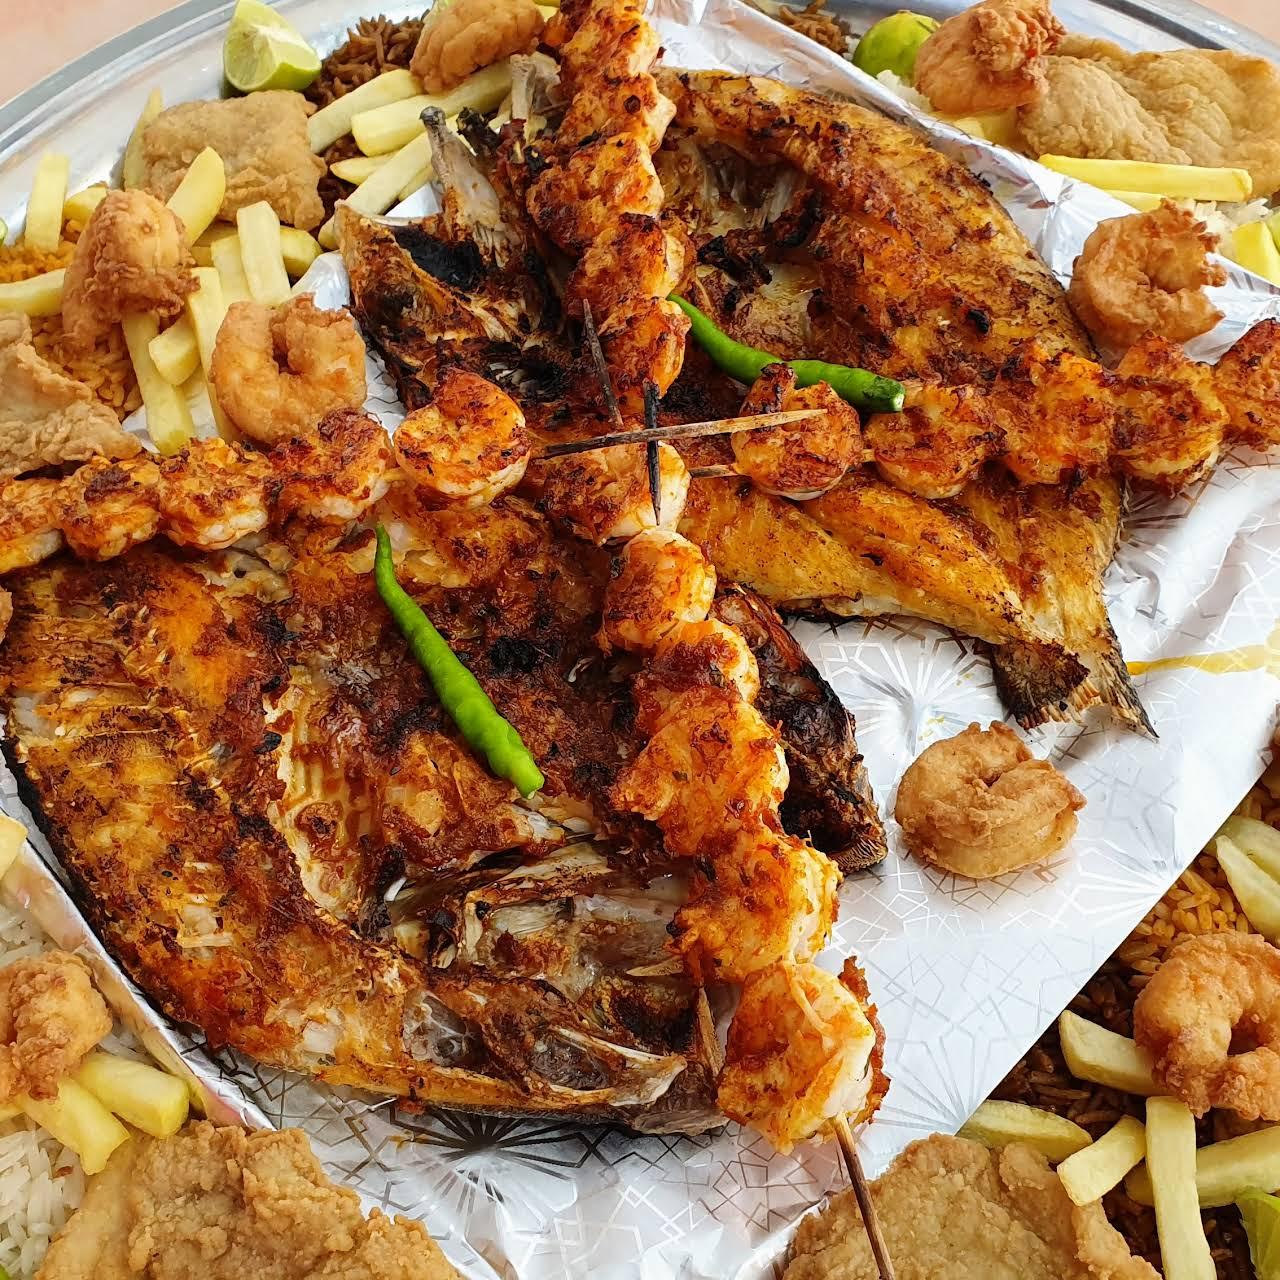 مطعم اسماك النجمة للمأكولات البحرية راحة العائلة Asmak Al Najmah Arrayis Seafood Restaurant In Ar Rayis